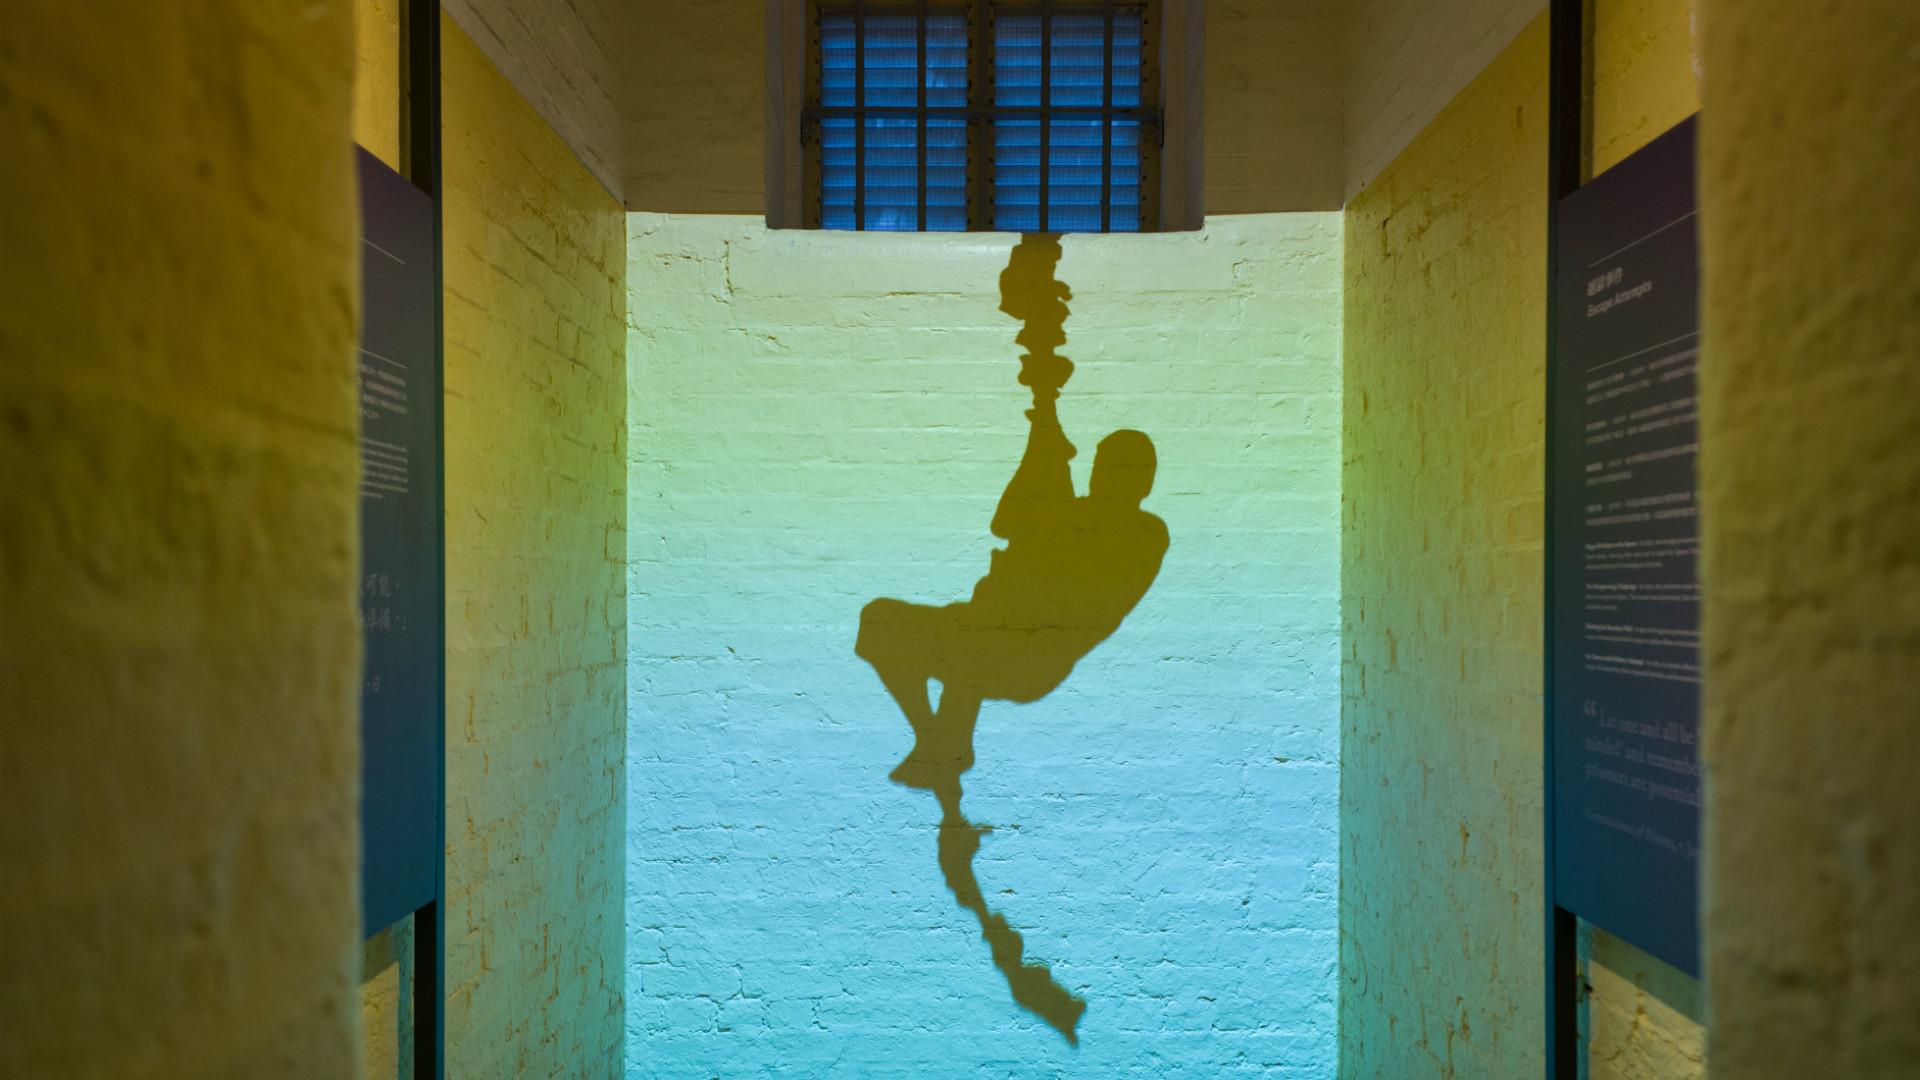 Mural Escape Prision